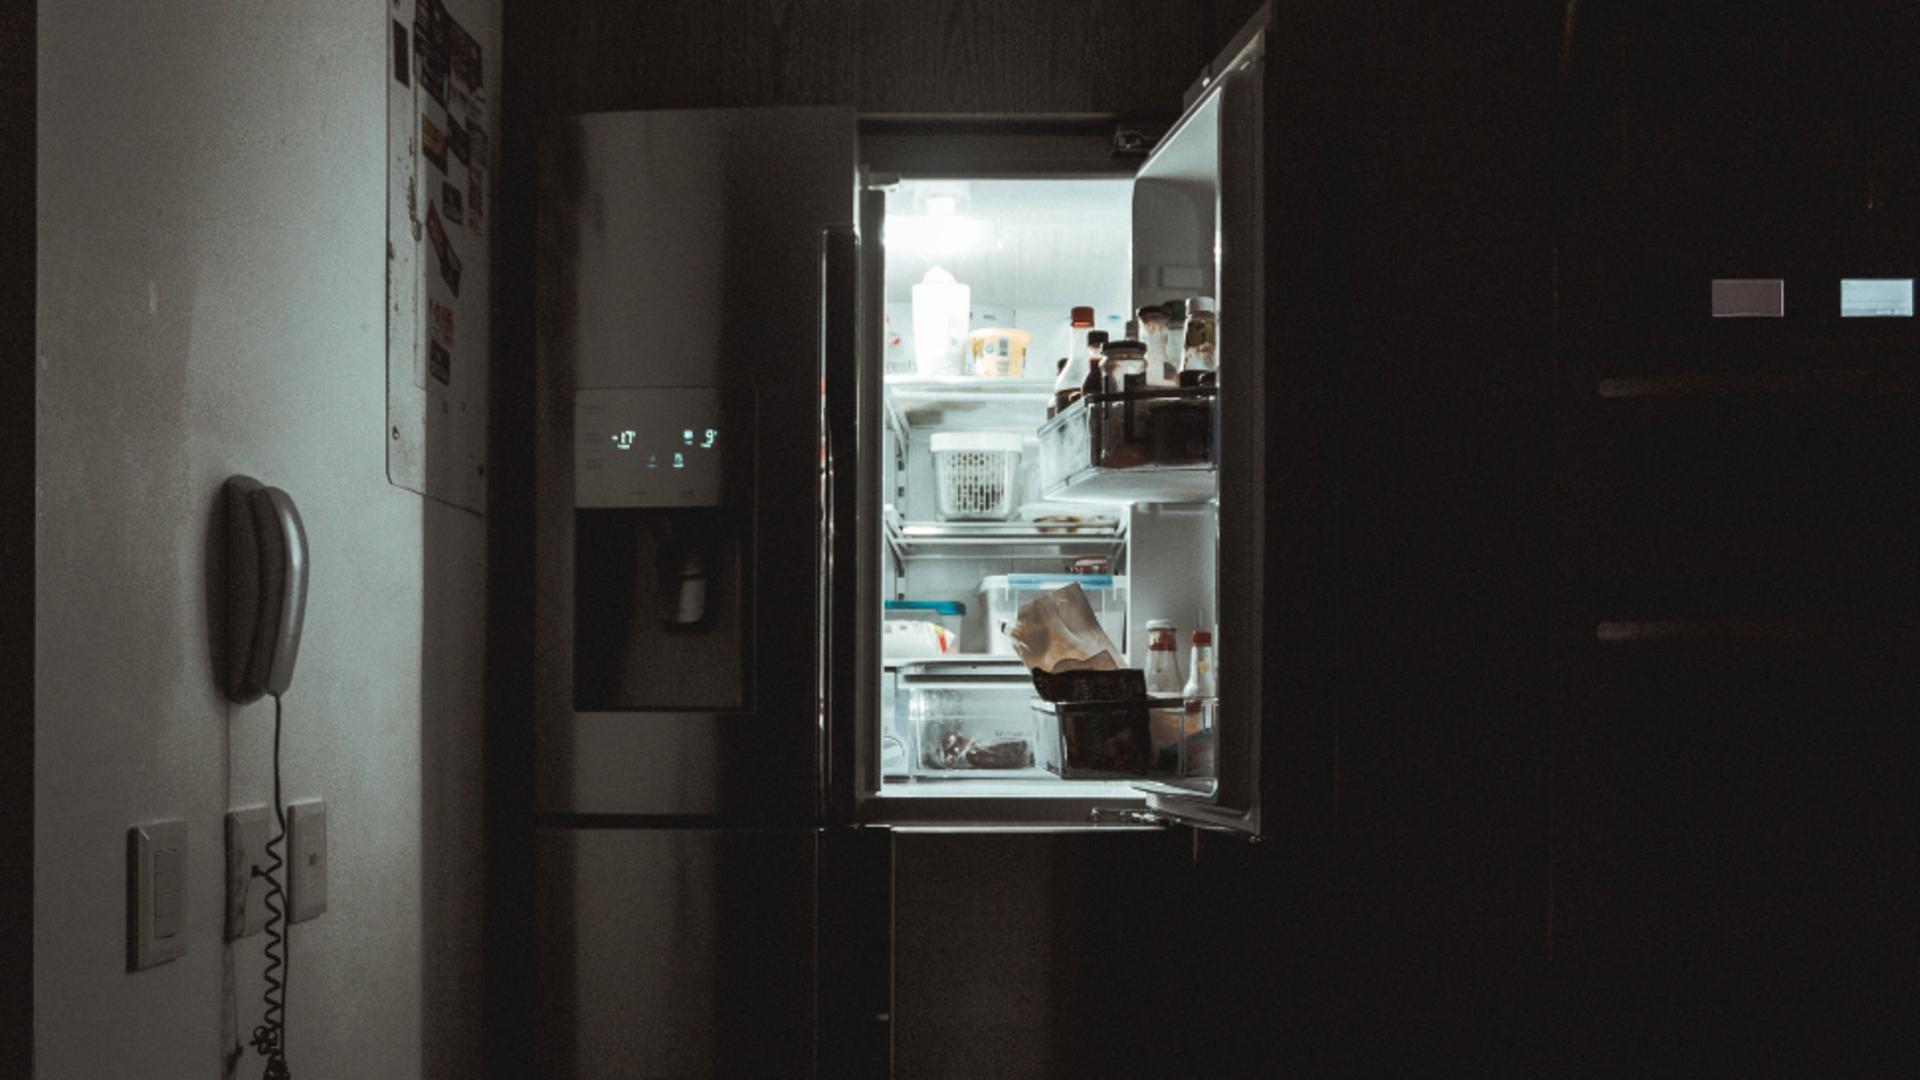 Cinci sfaturi care vor prelungi durata de viață a frigiderului dvs